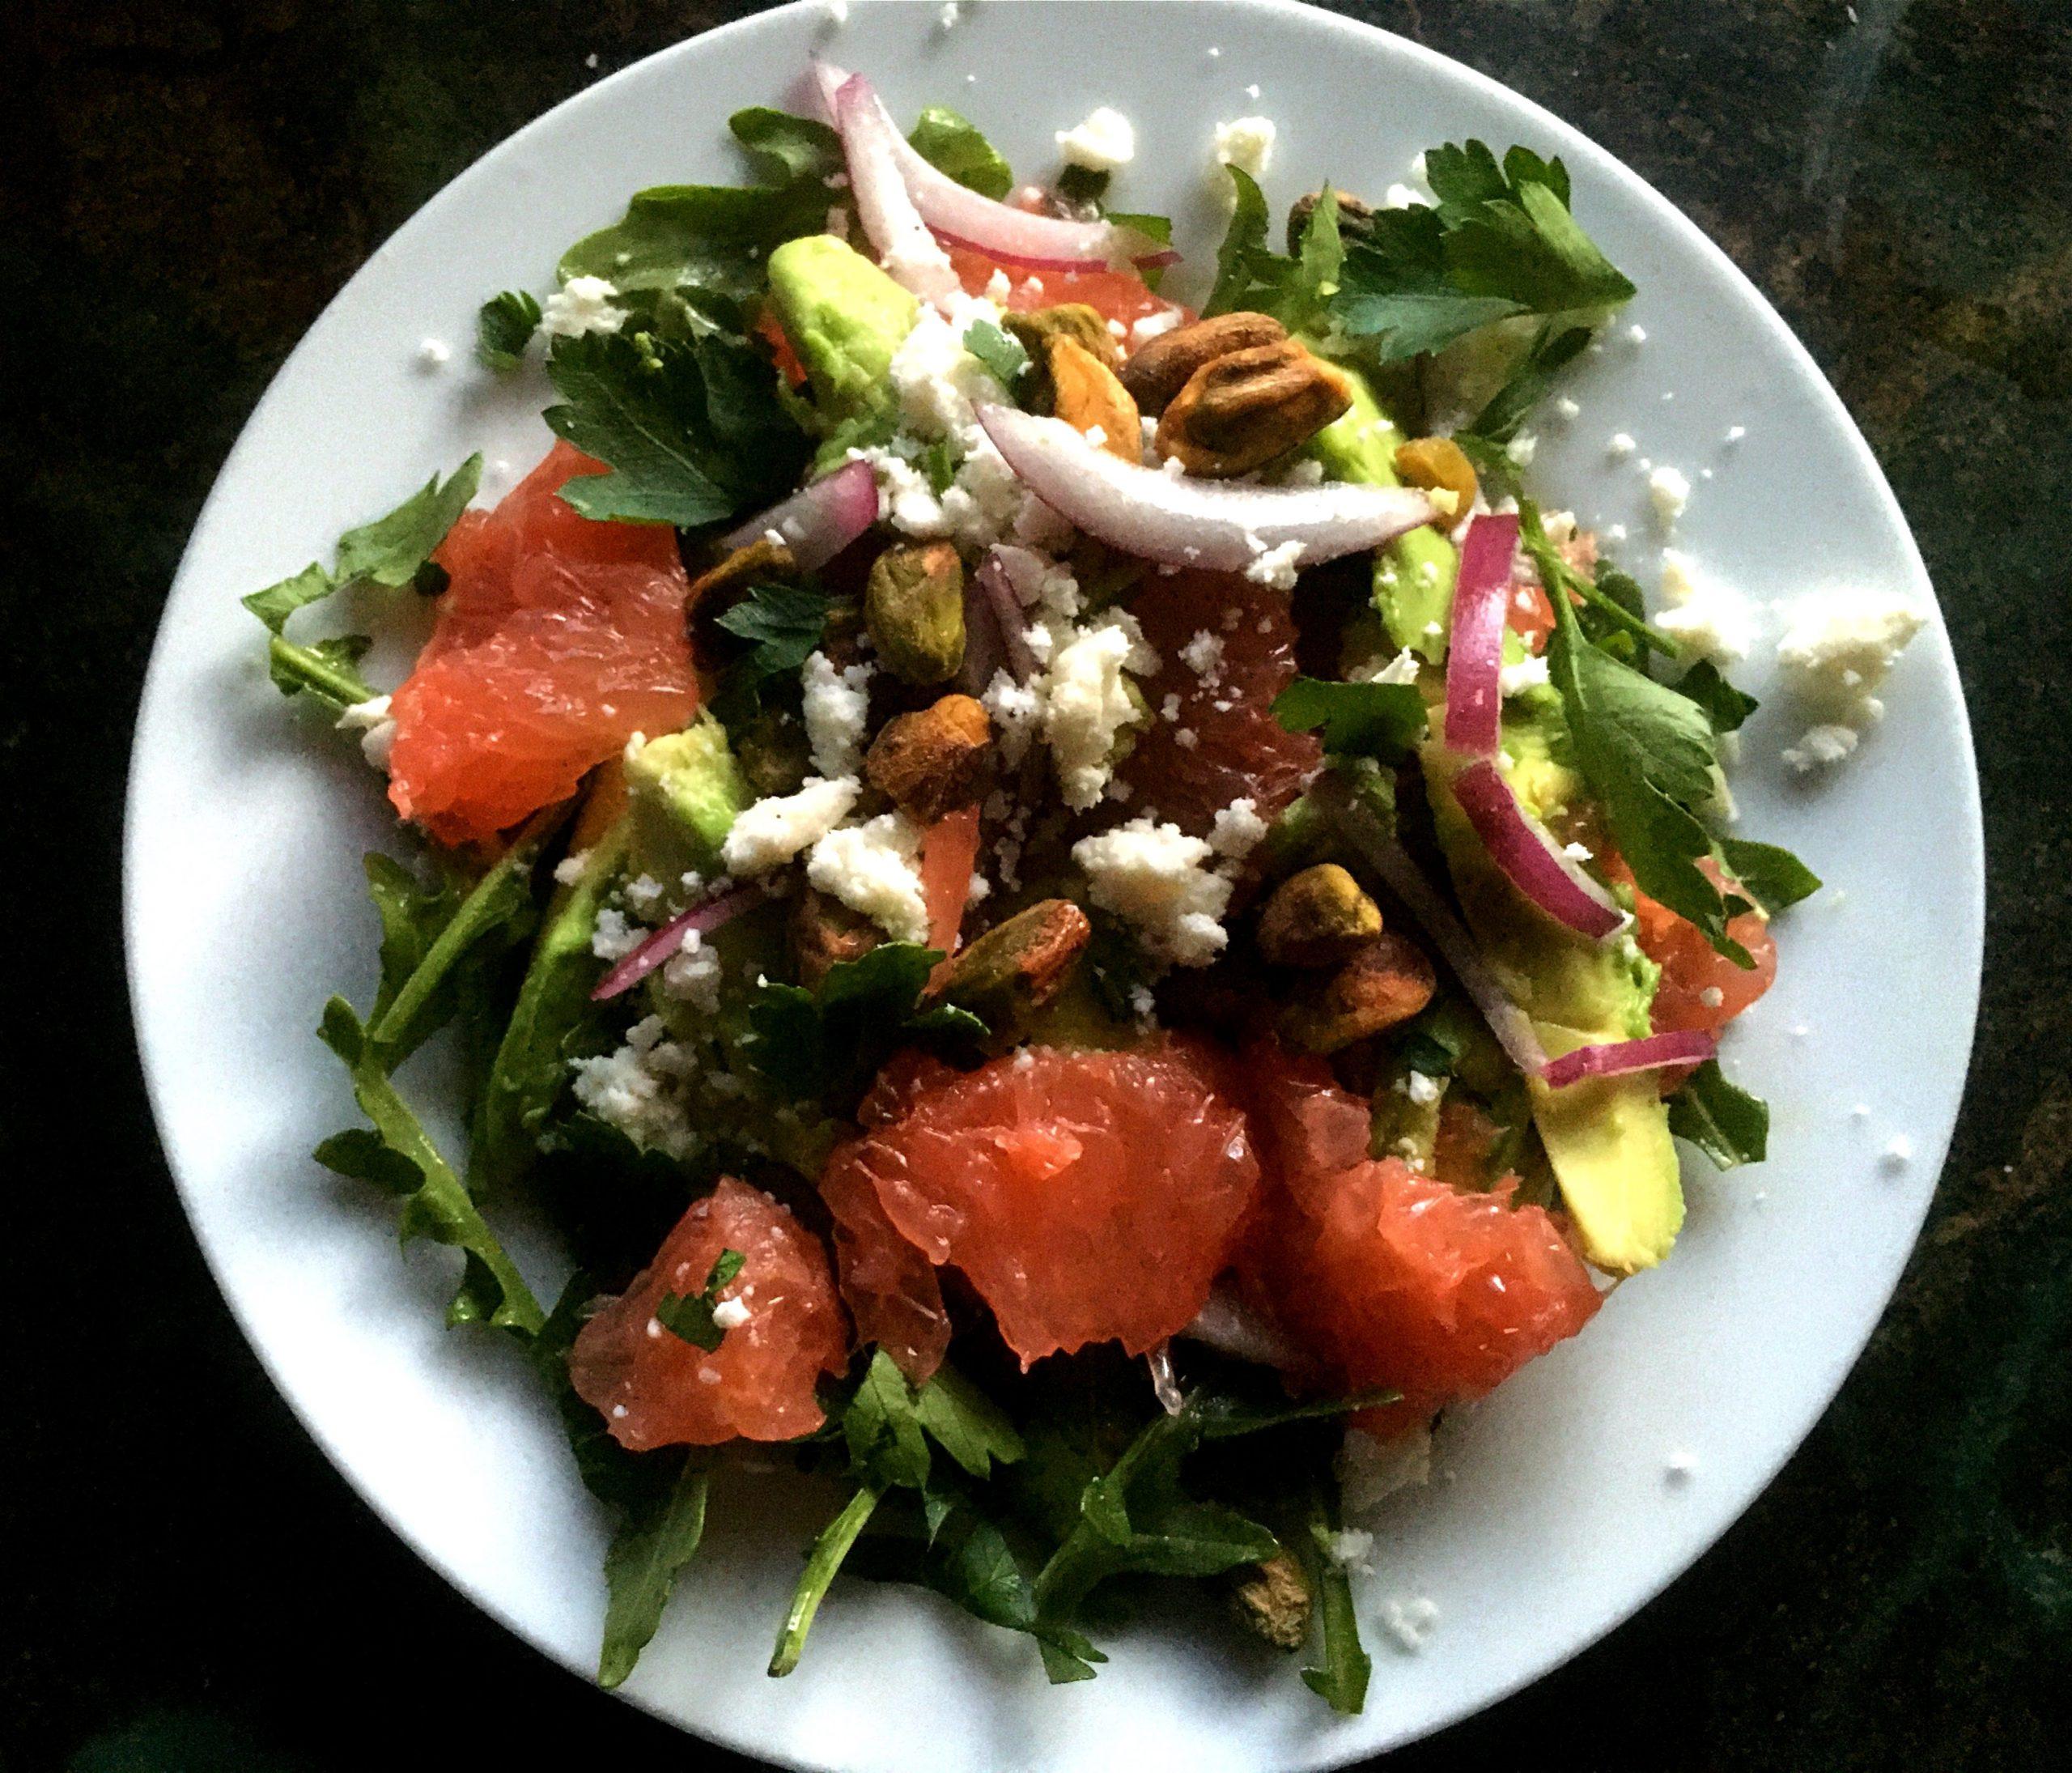 Grapefruit, Avocado, and Pistachio Salad, serves 2